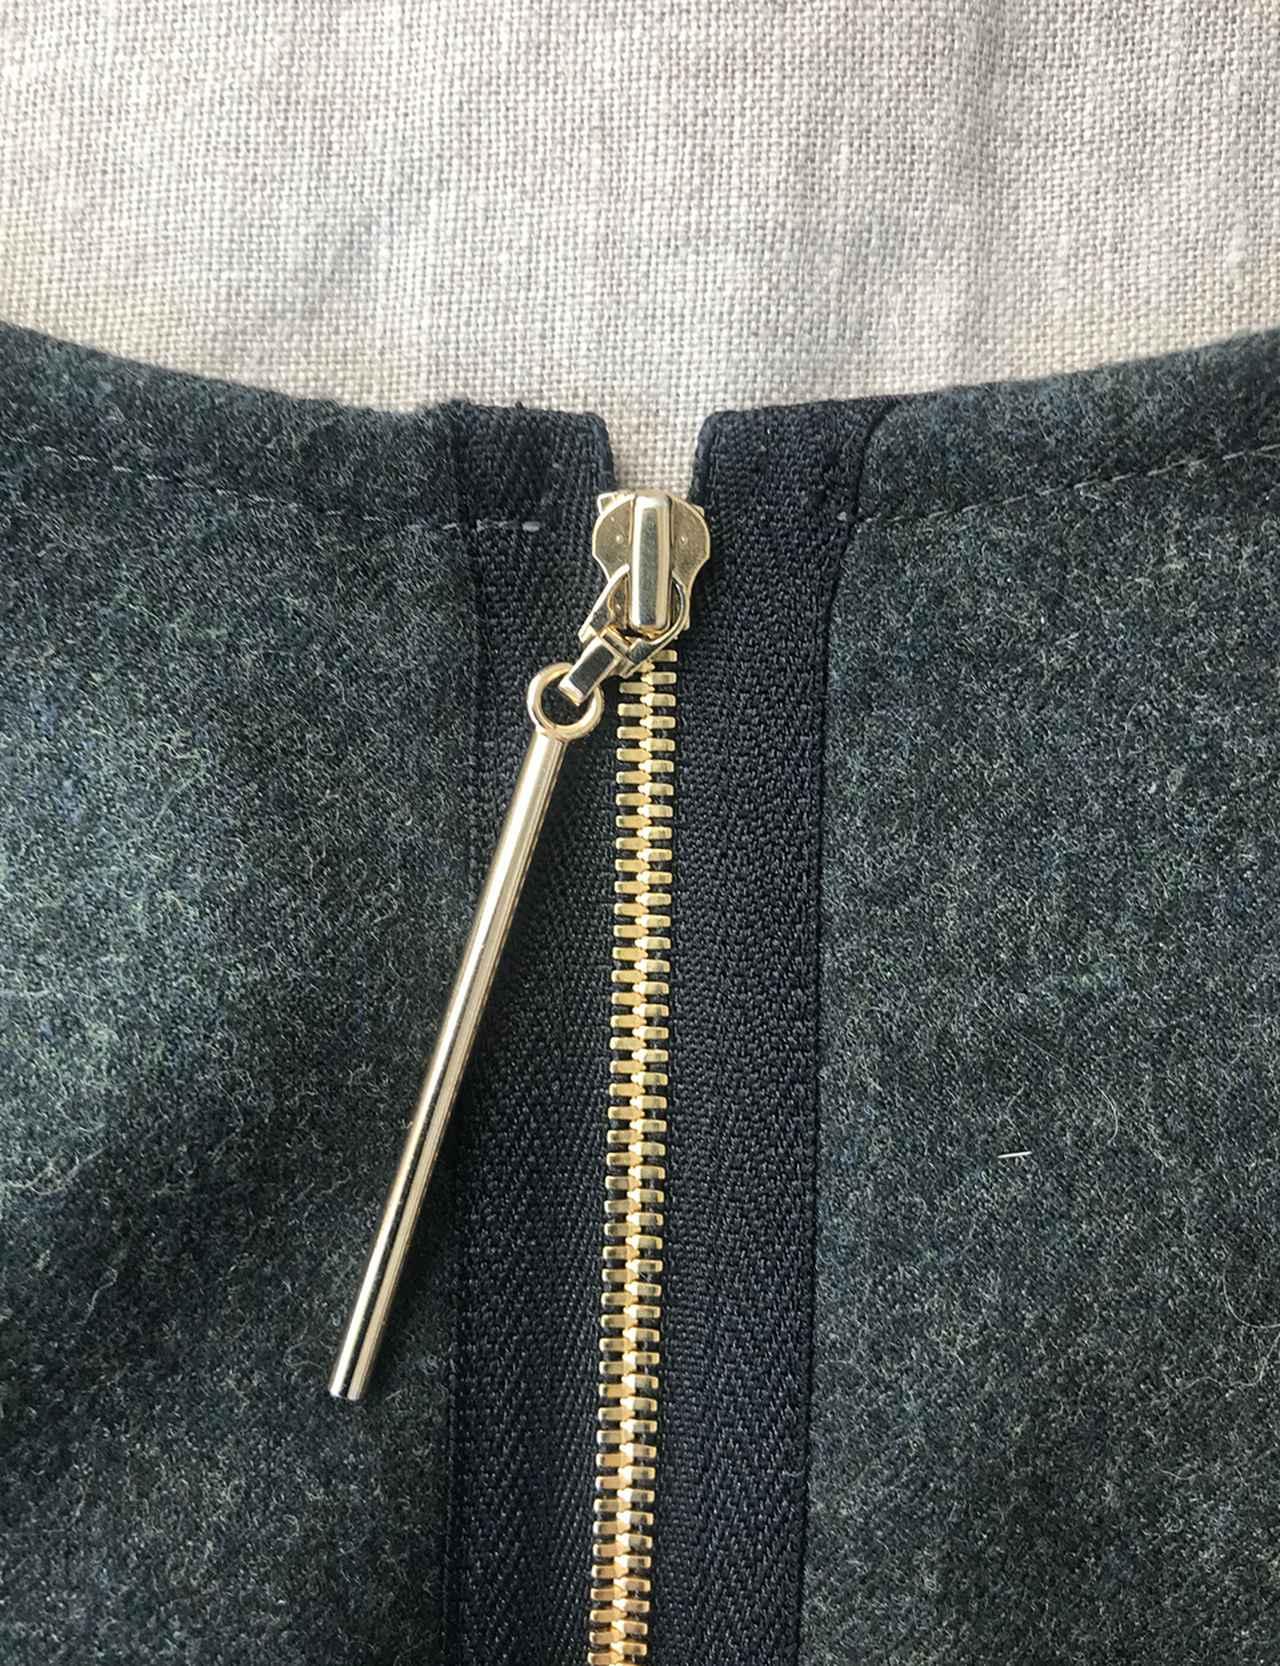 Images : 5番目の画像 - 「いい服に、ありがとう。 「サポートサーフェス」の服が 着心地よく美しい理由」のアルバム - T JAPAN:The New York Times Style Magazine 公式サイト